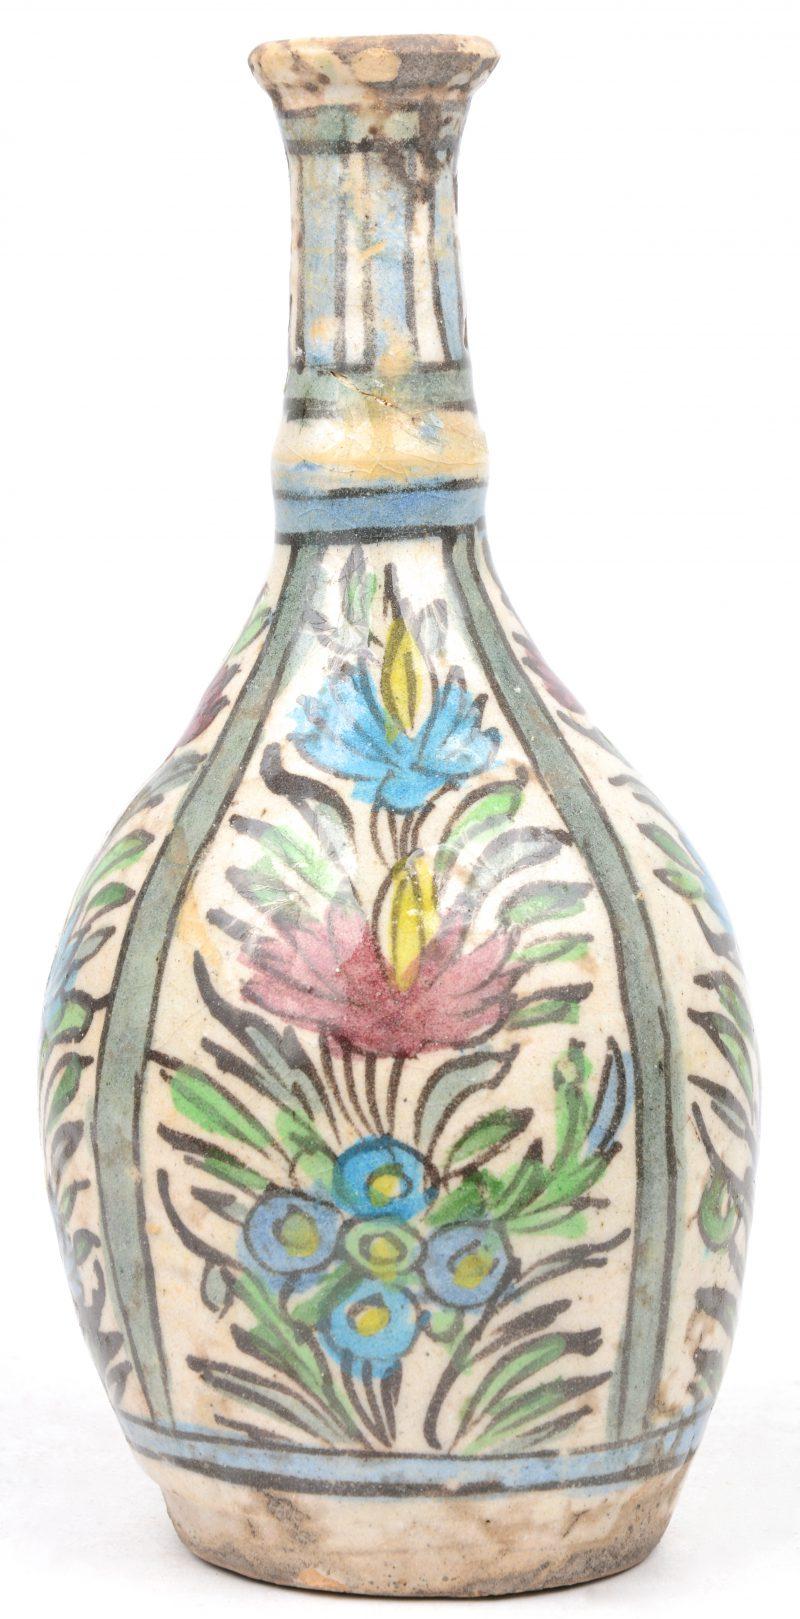 Een vaas van Perzisch aardewerk met een meerkleurig bloemendecor. Gerestaureerd. XIXe eeuw.